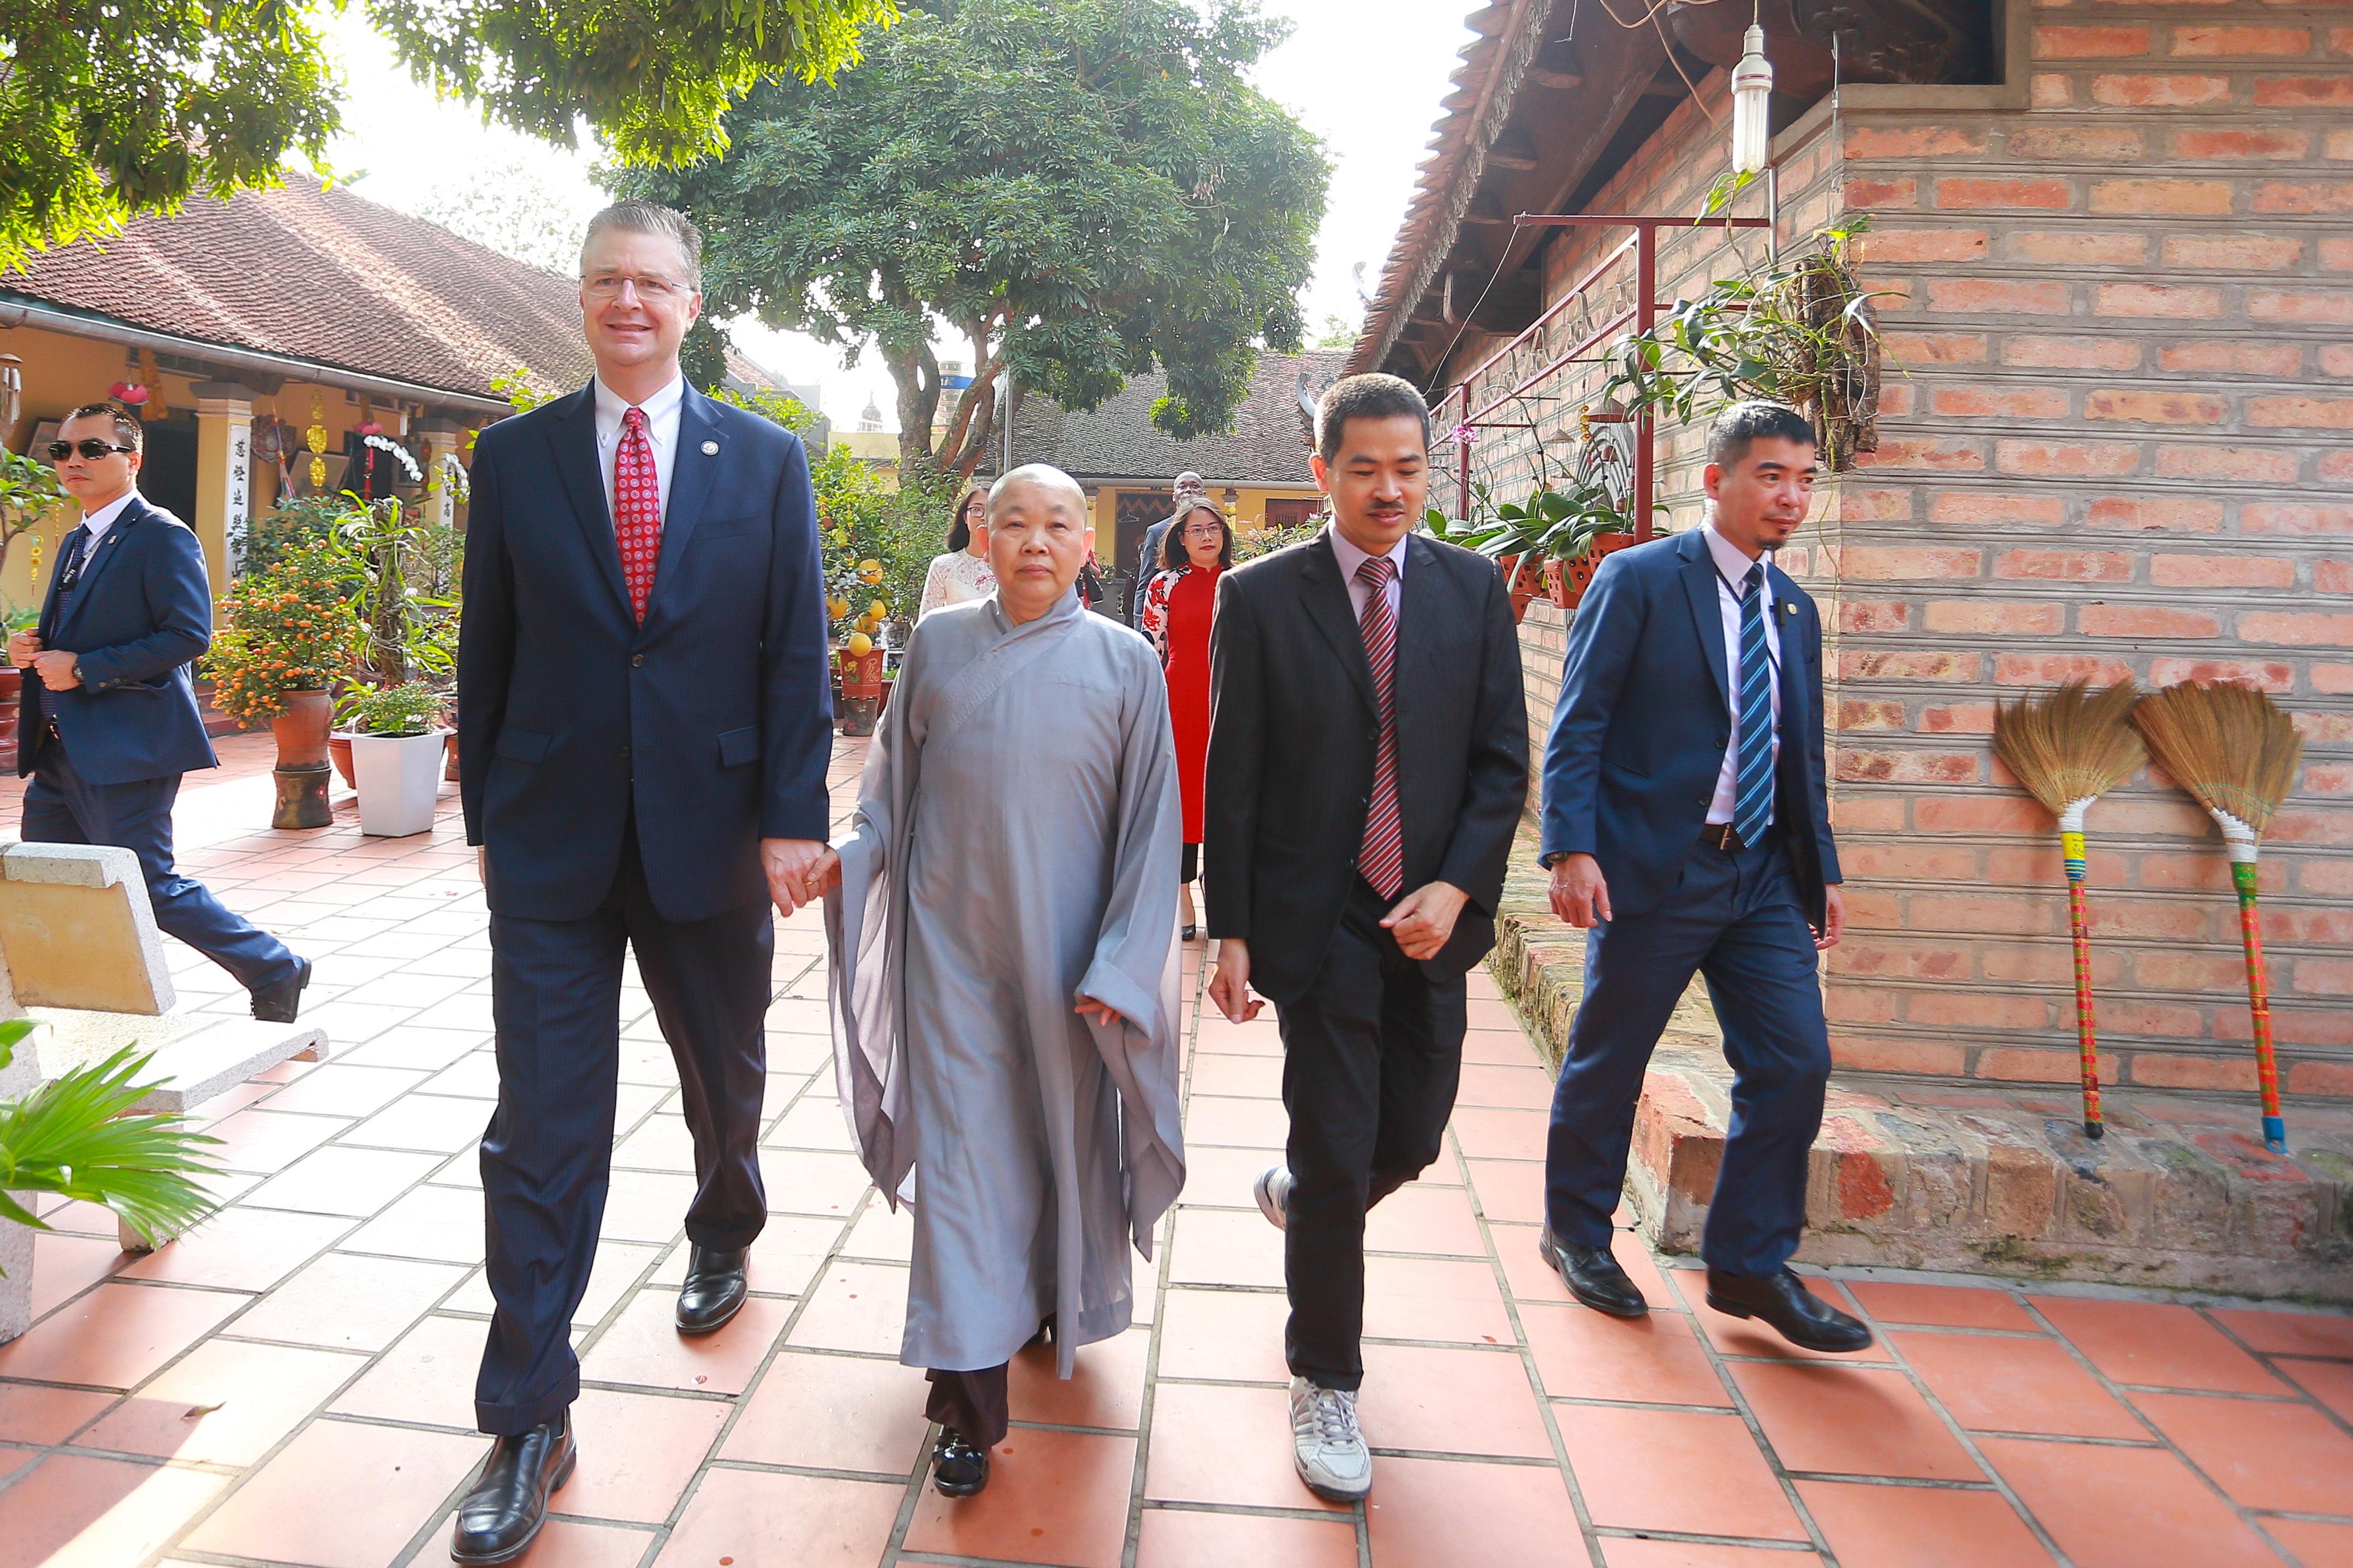 Đại sứ Mỹ thả cá chép, chúc mừng năm mới bằng tiếng Việt - 2